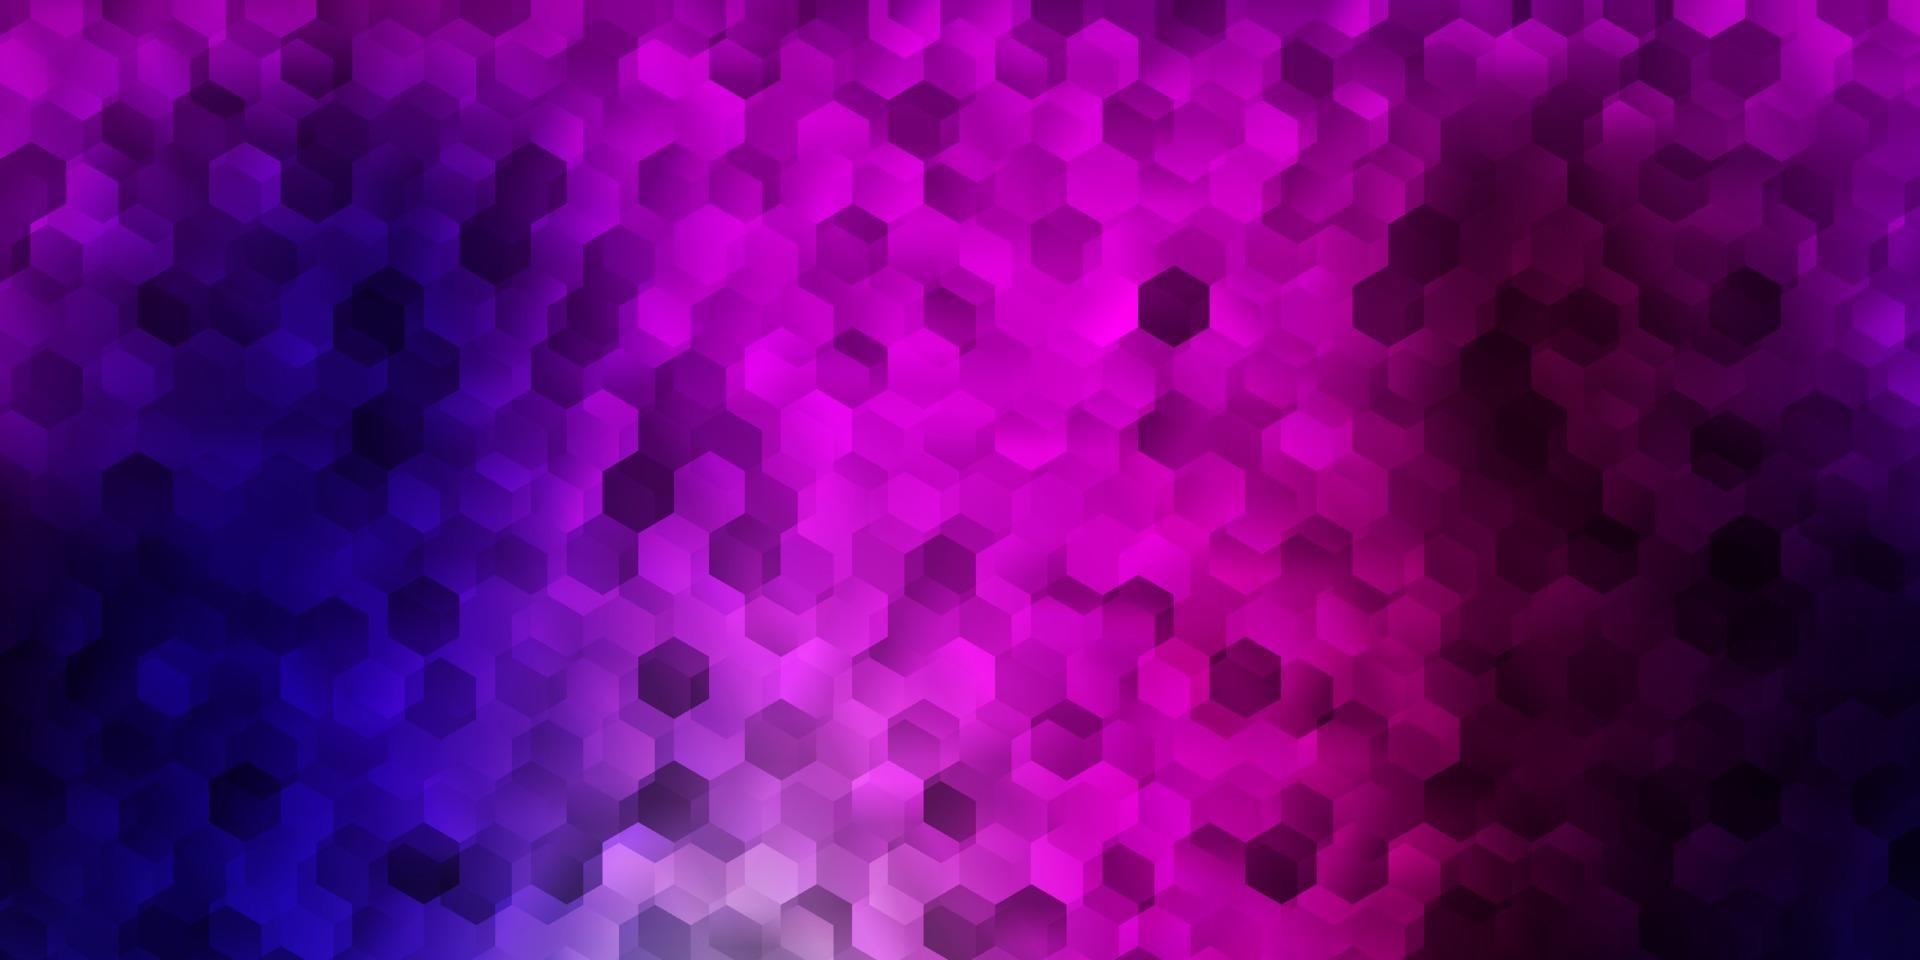 donkerpaars, roze vector sjabloon in een zeshoekige stijl.